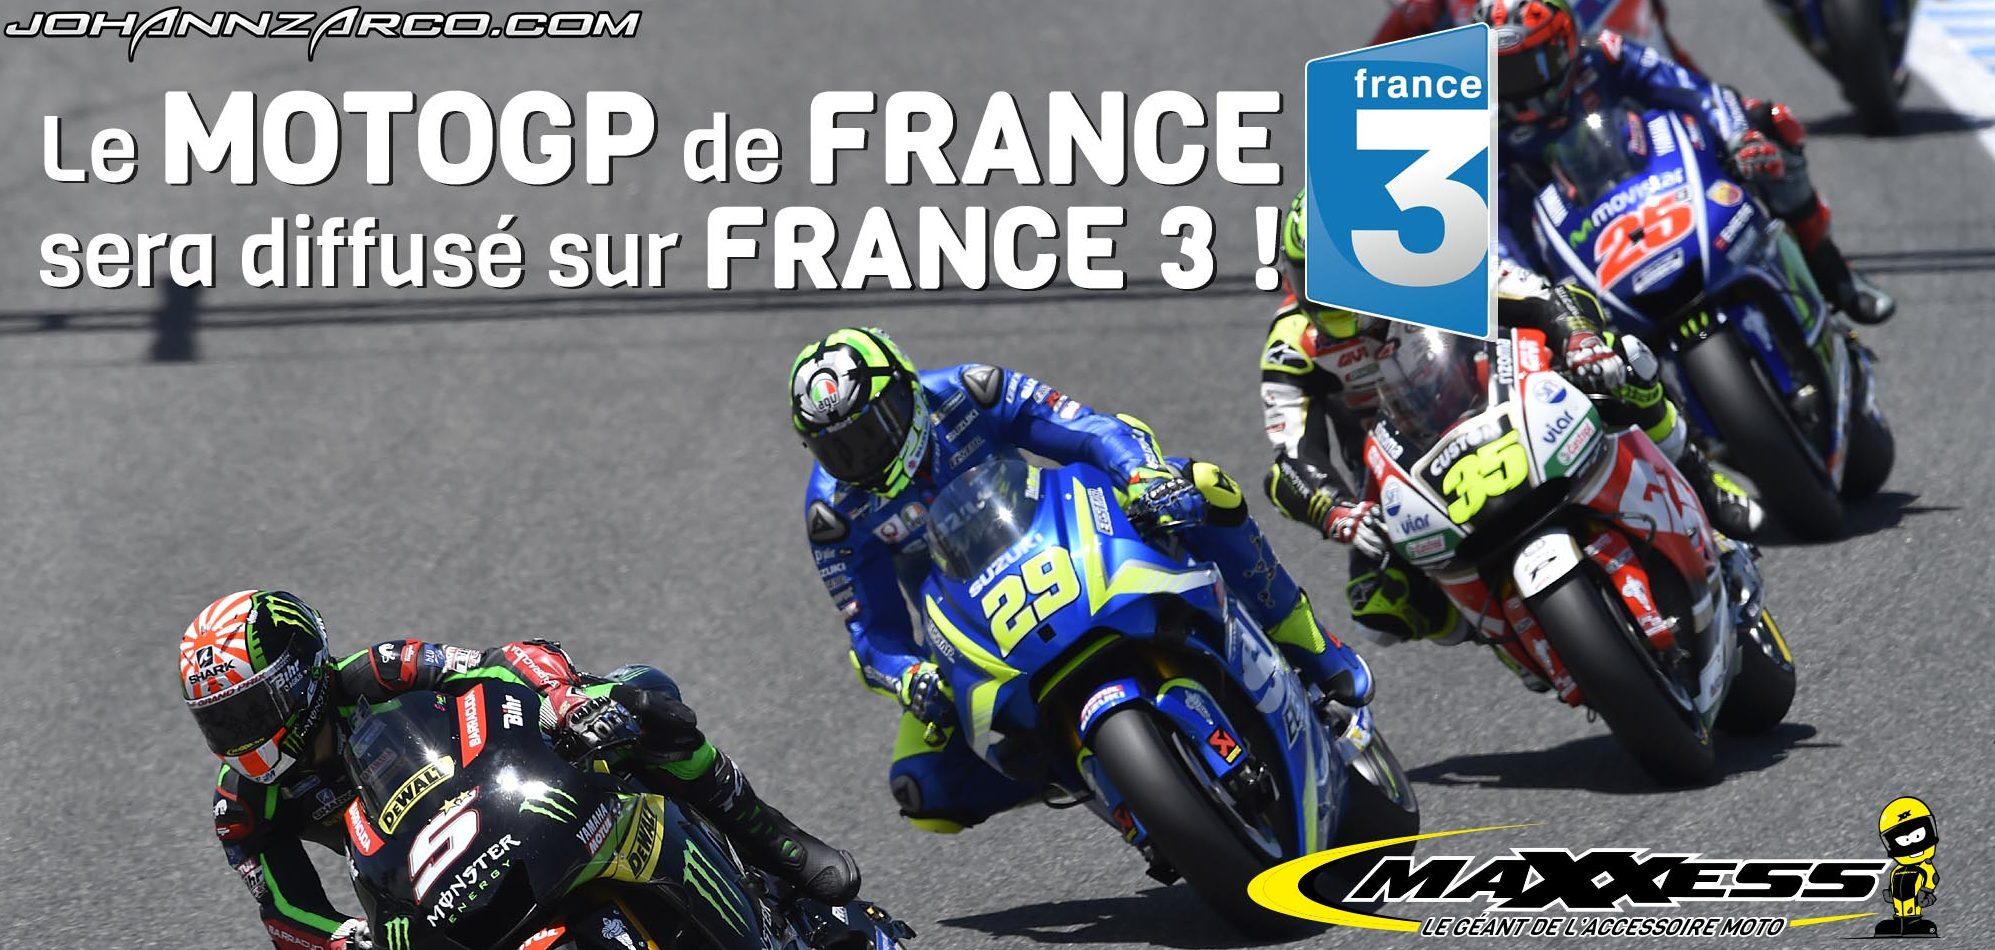 France 3 Diffusera à Nouveau Le GP De France En 2017 Et 2018